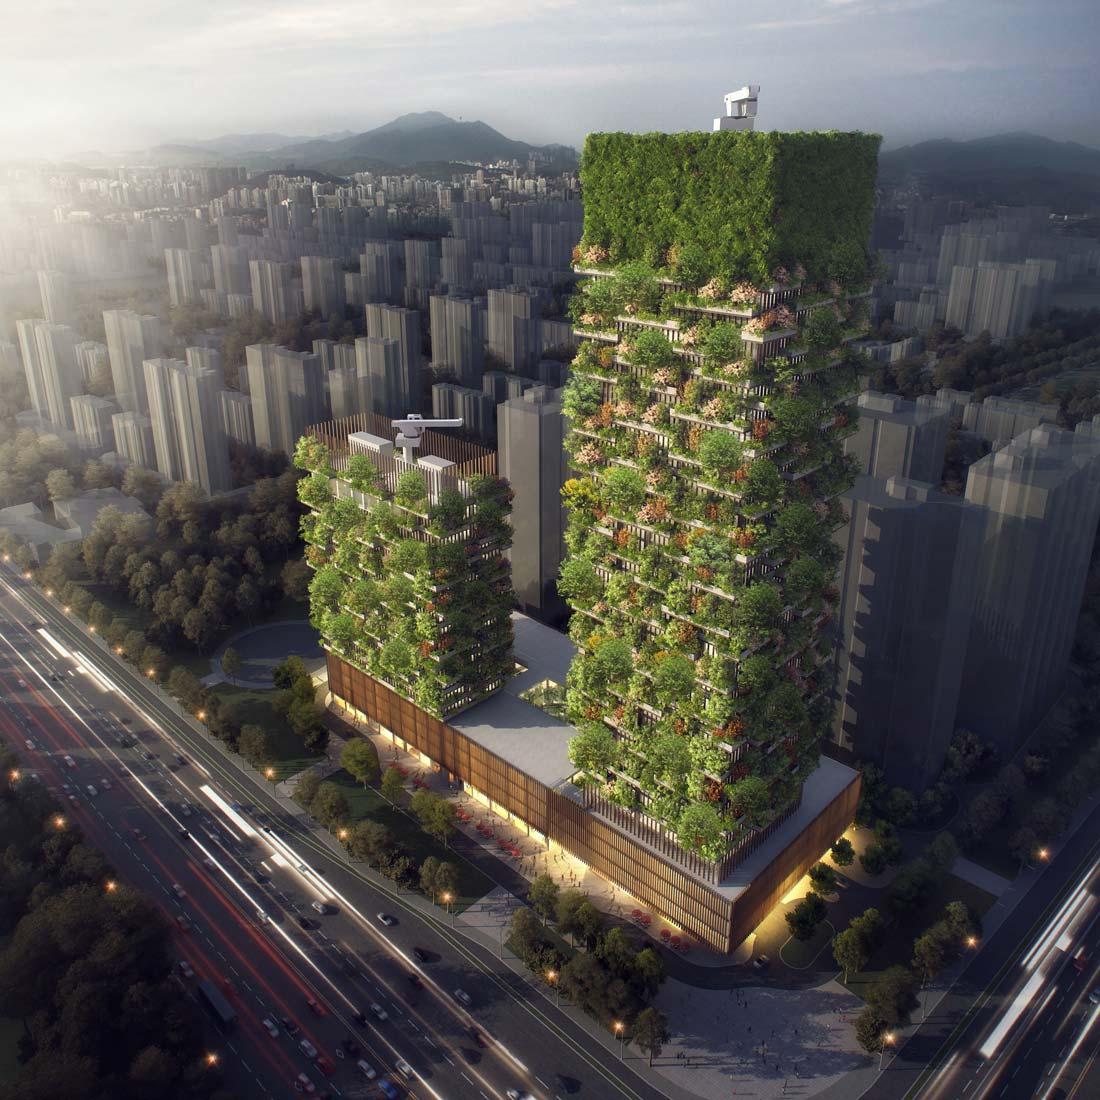 Đây là công trình kiến trúc Vertical Forest đầu tiên trên thế giới